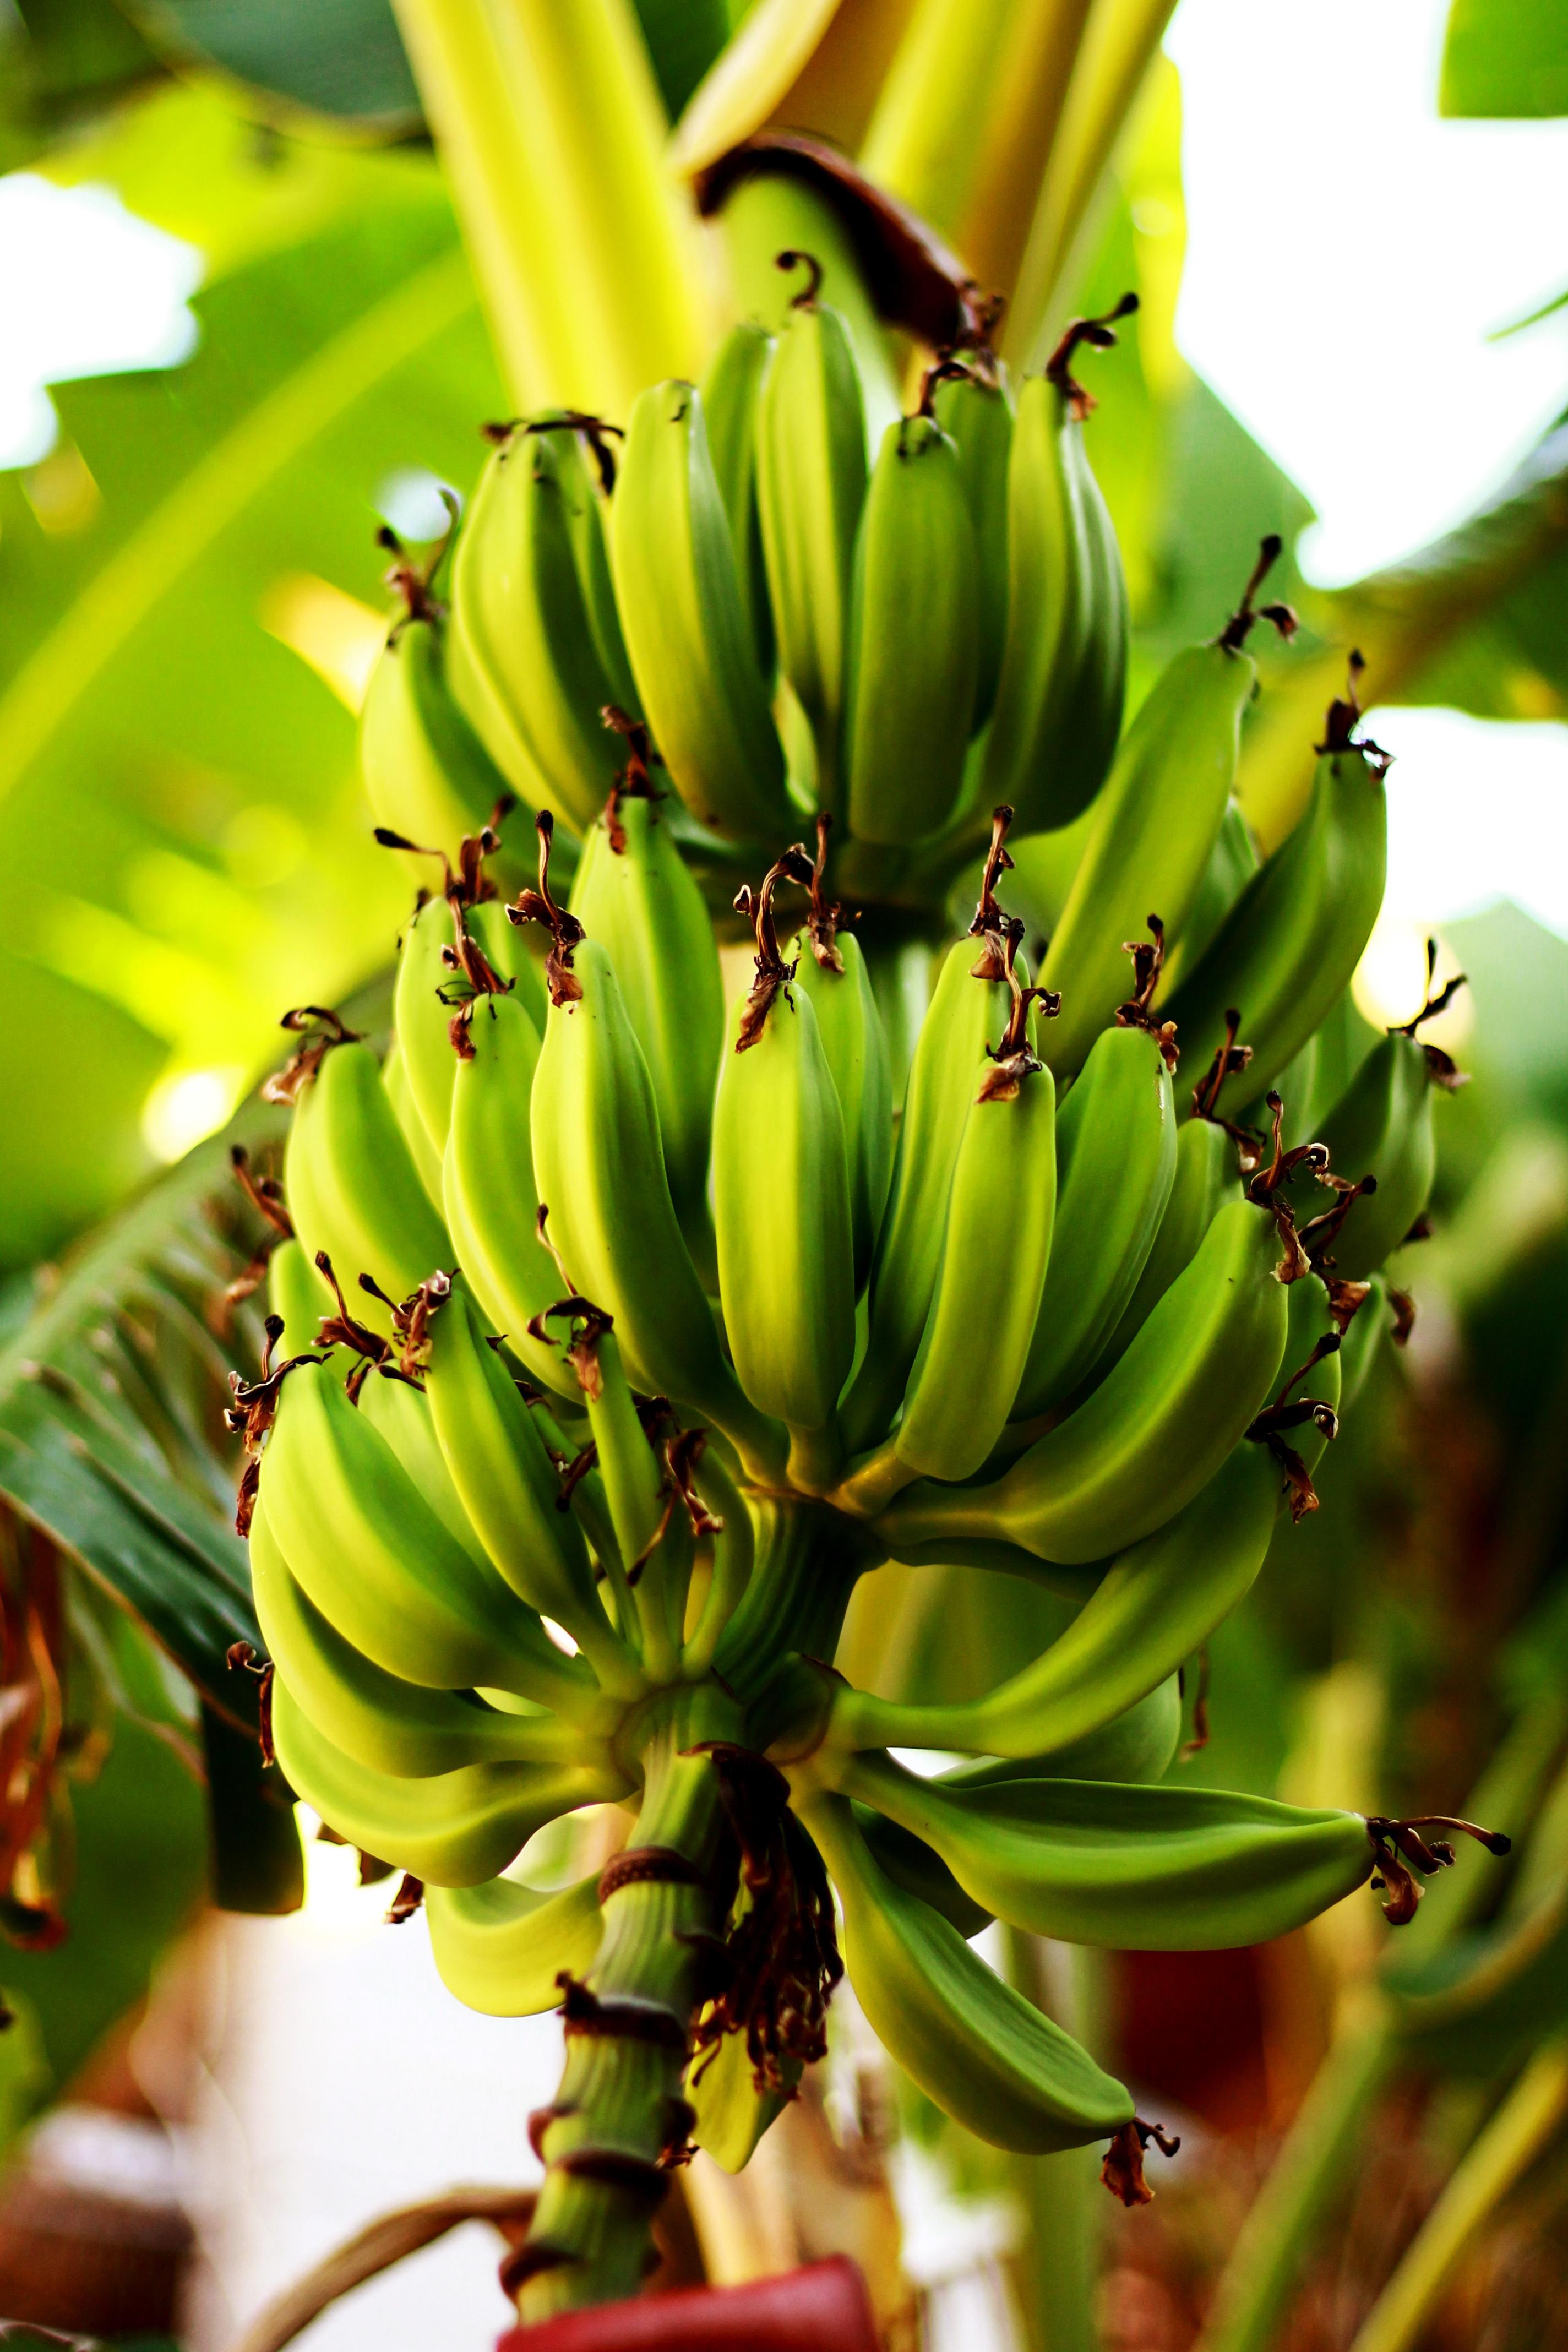 Pianta Di Banana Foto immagini belle : fiore, cibo, verde, produrre, botanica